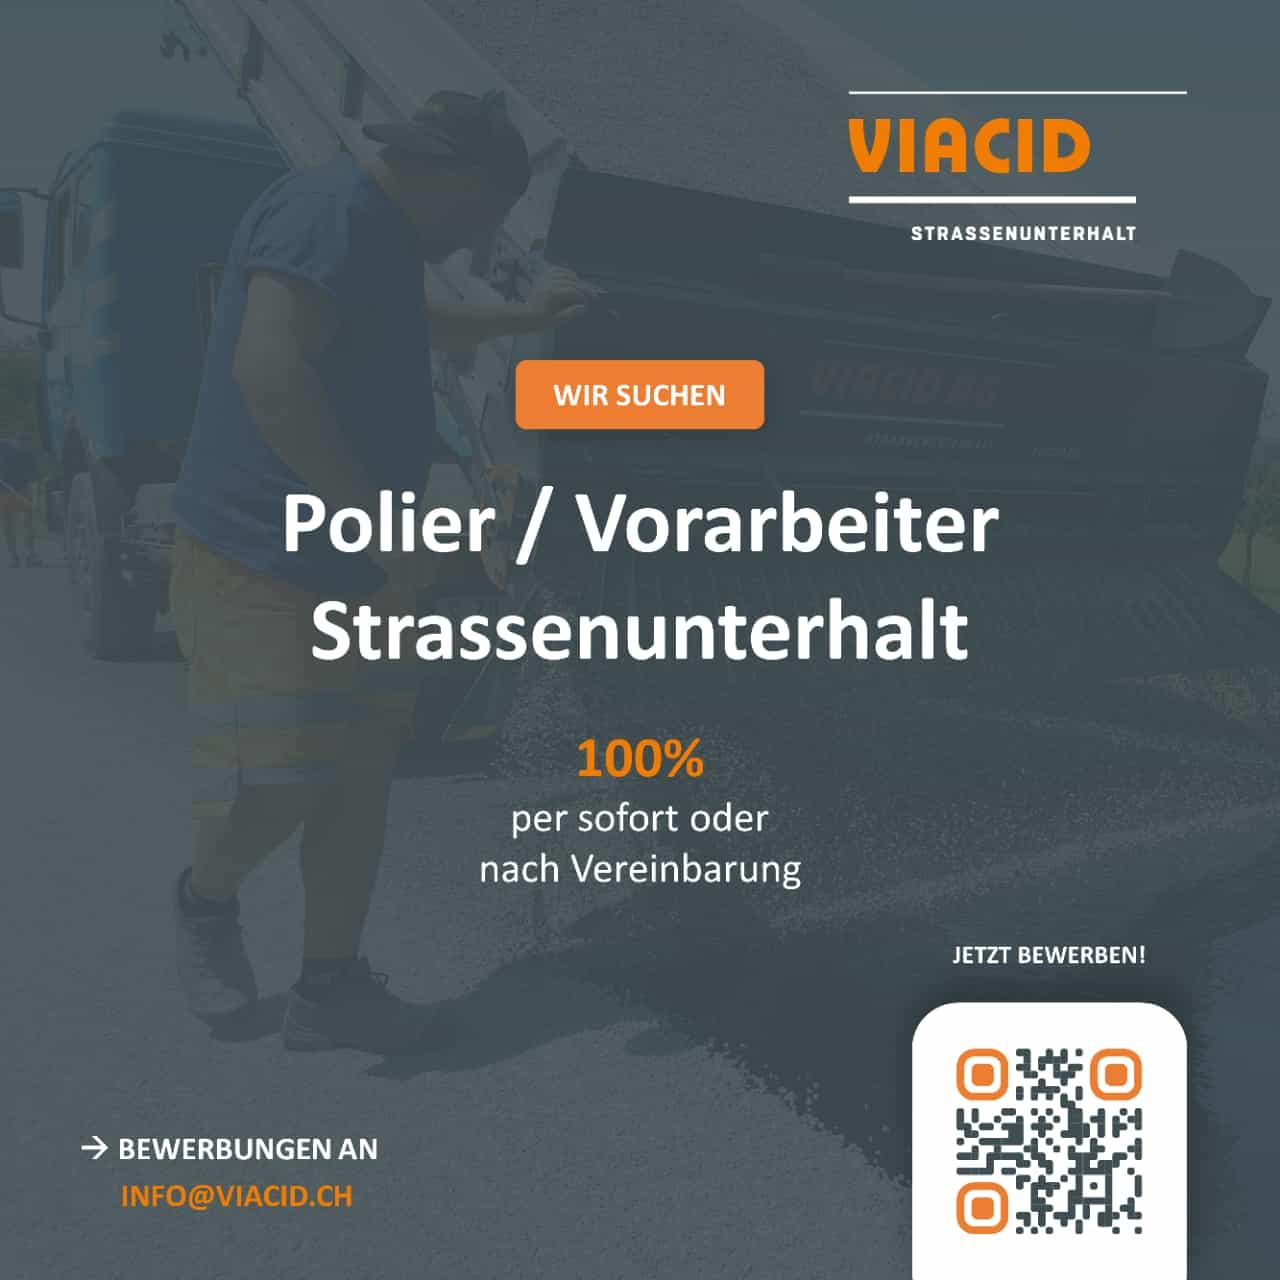 Wir suchen Polier / Vorarbeiter Strassenunterhalt (100%)